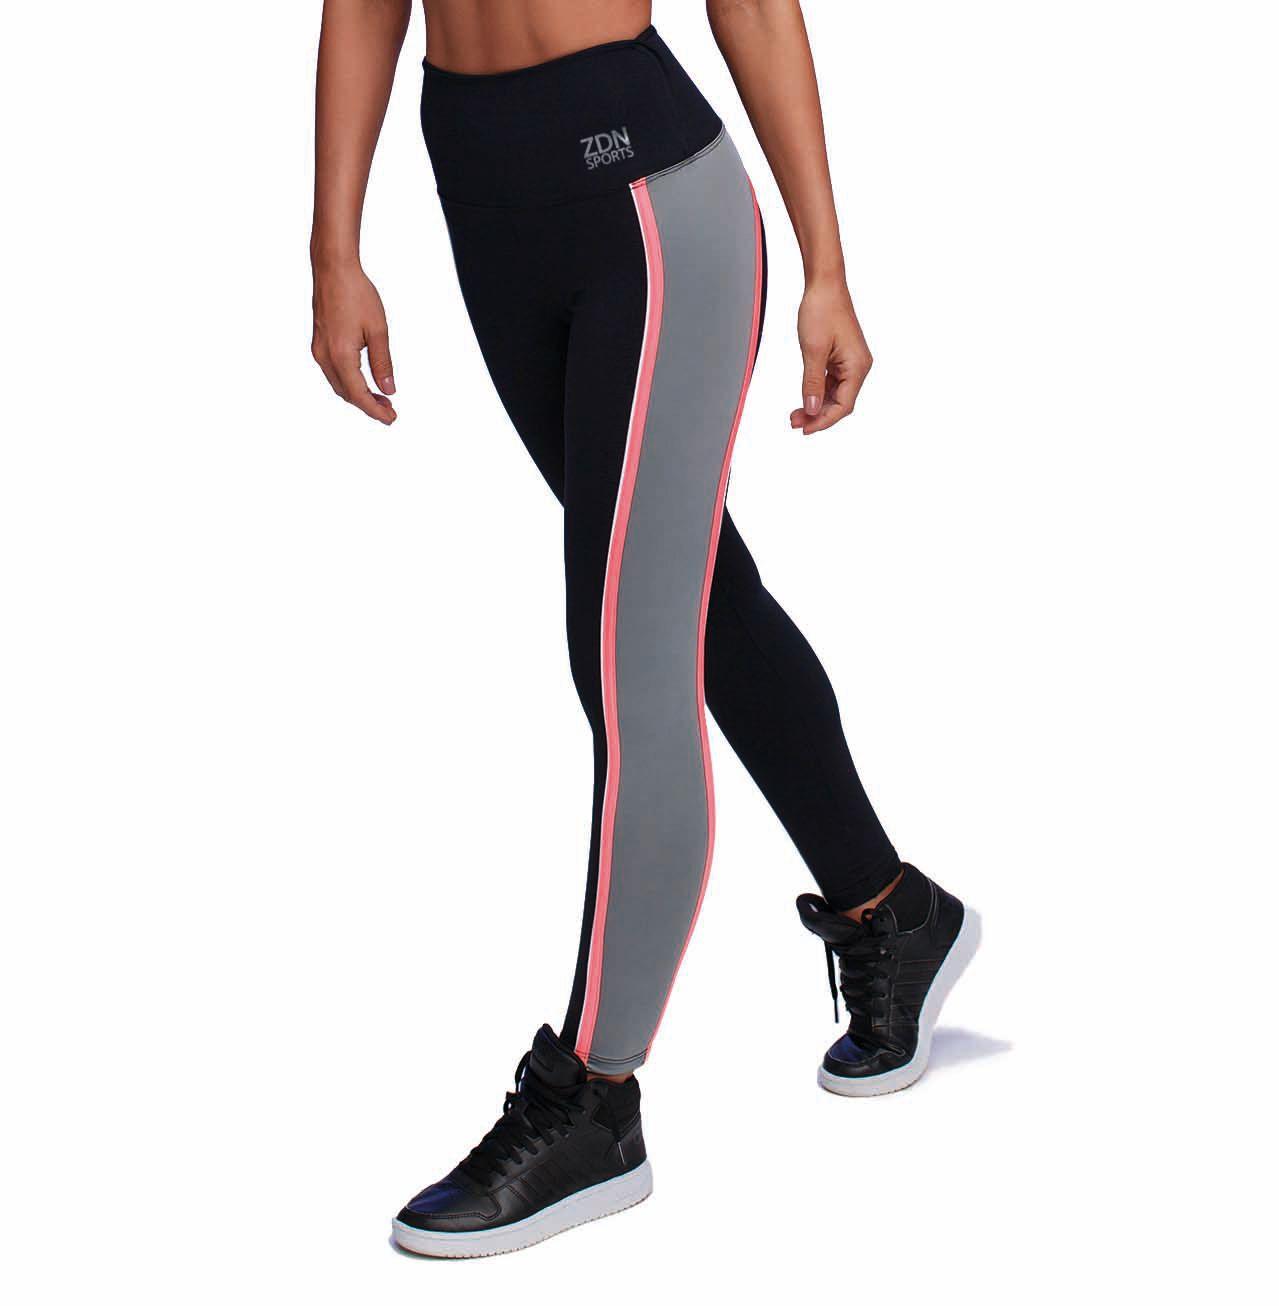 Kit Top + Legging Fashion